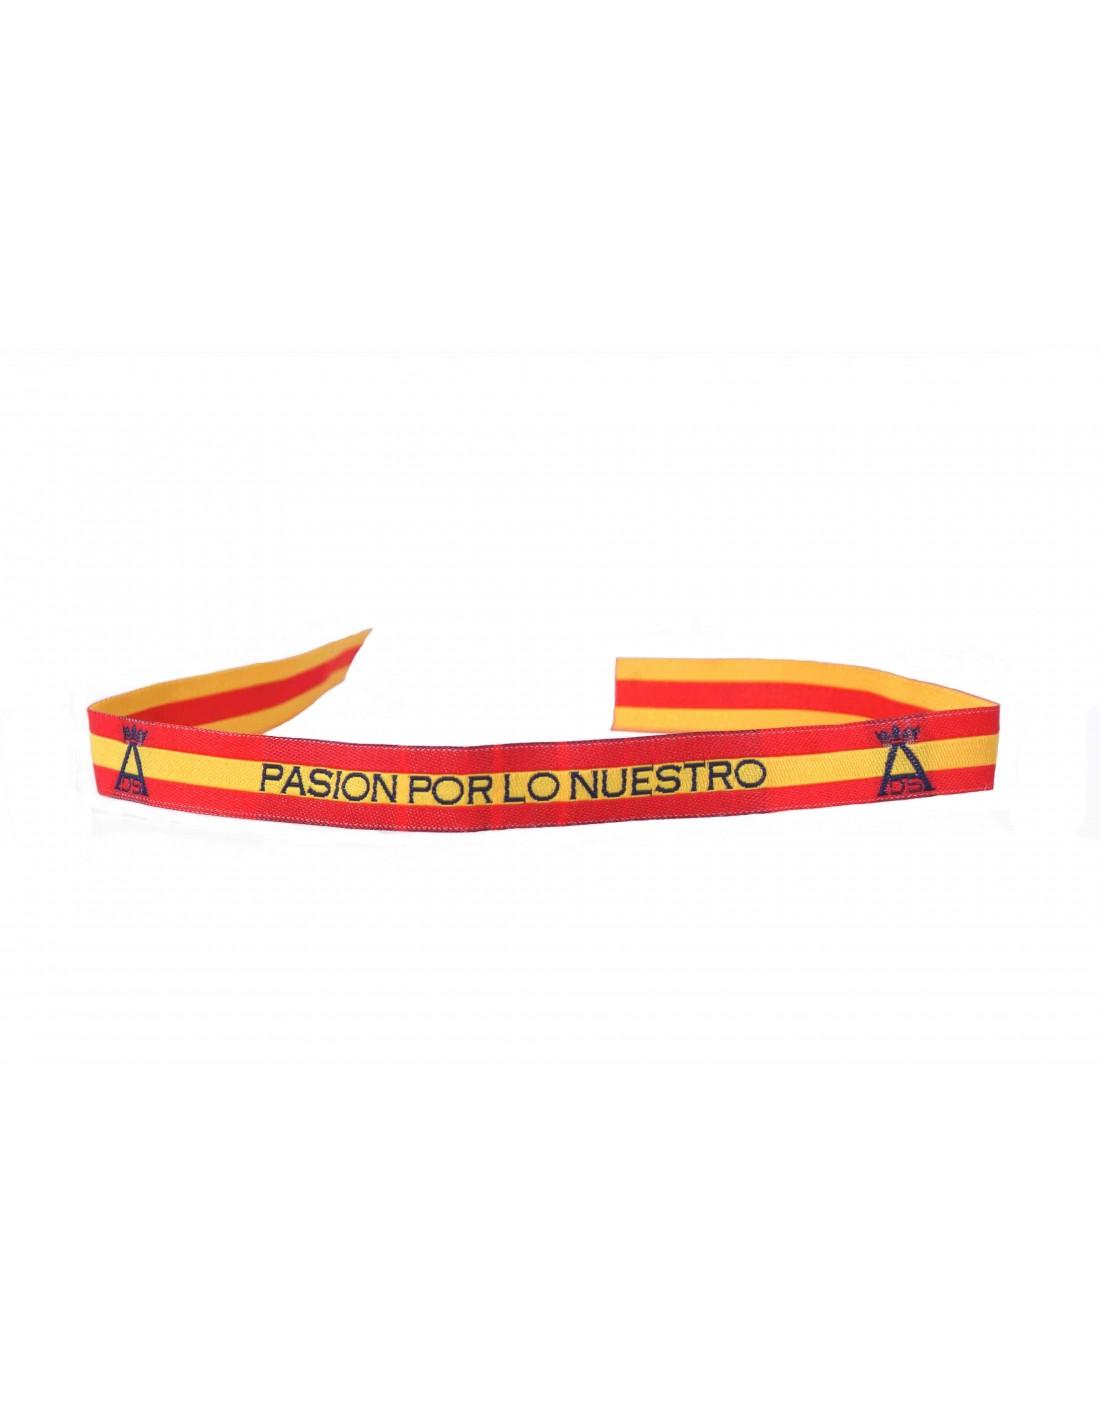 5d21b78af305 Pulsera Bandera de España Pasión por lo Nuestro